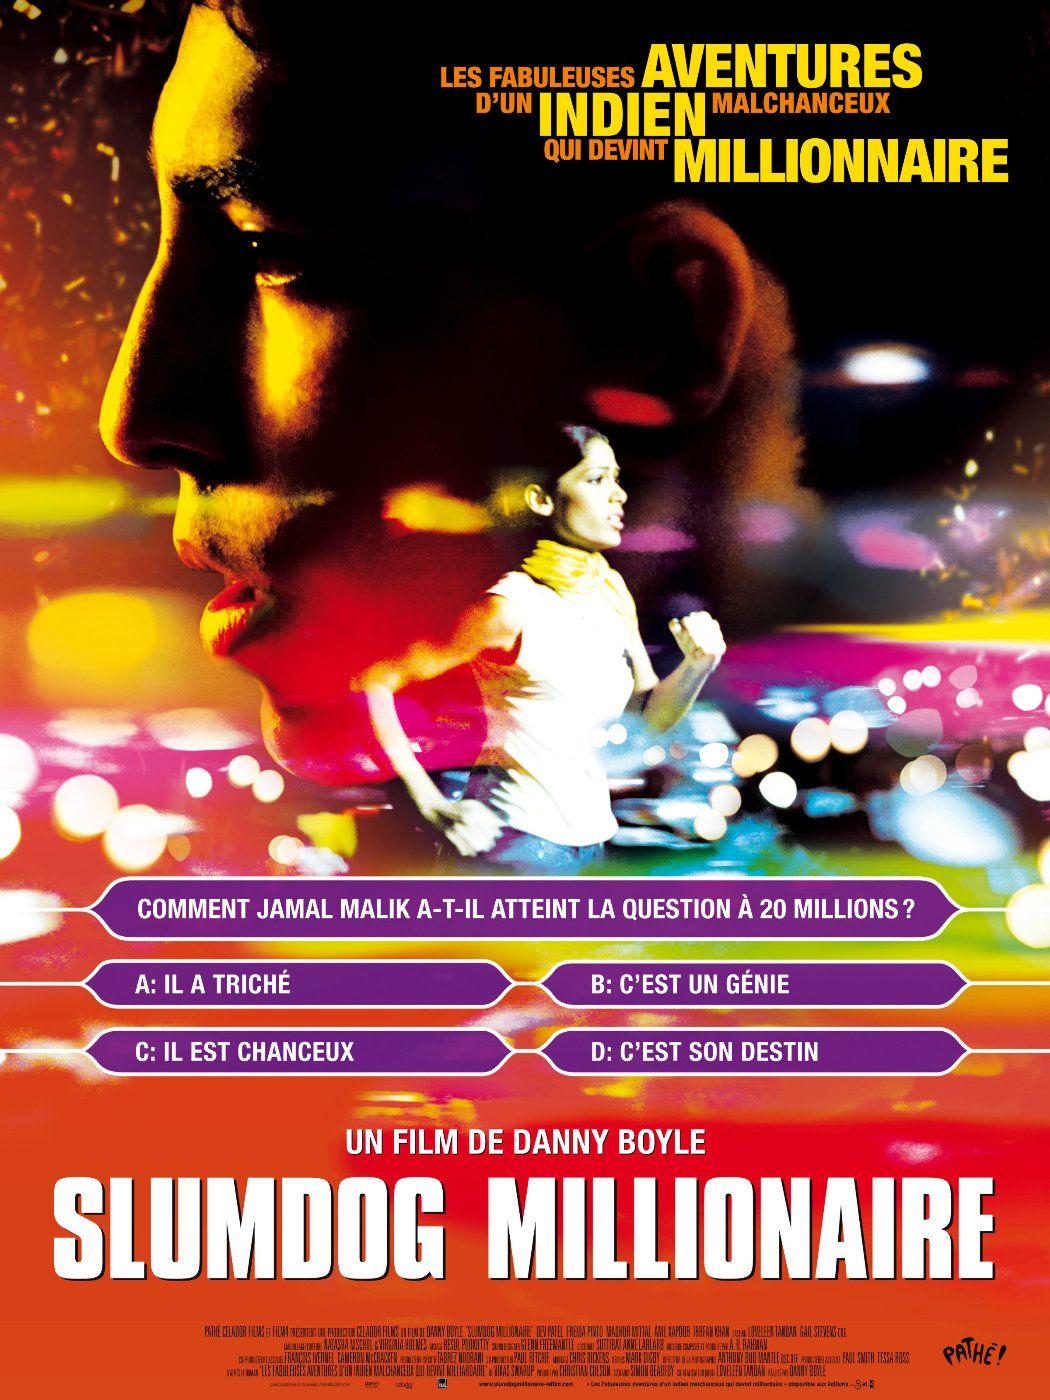 slumdog-millionaire-2008-turkce-altyazi-732.jpg